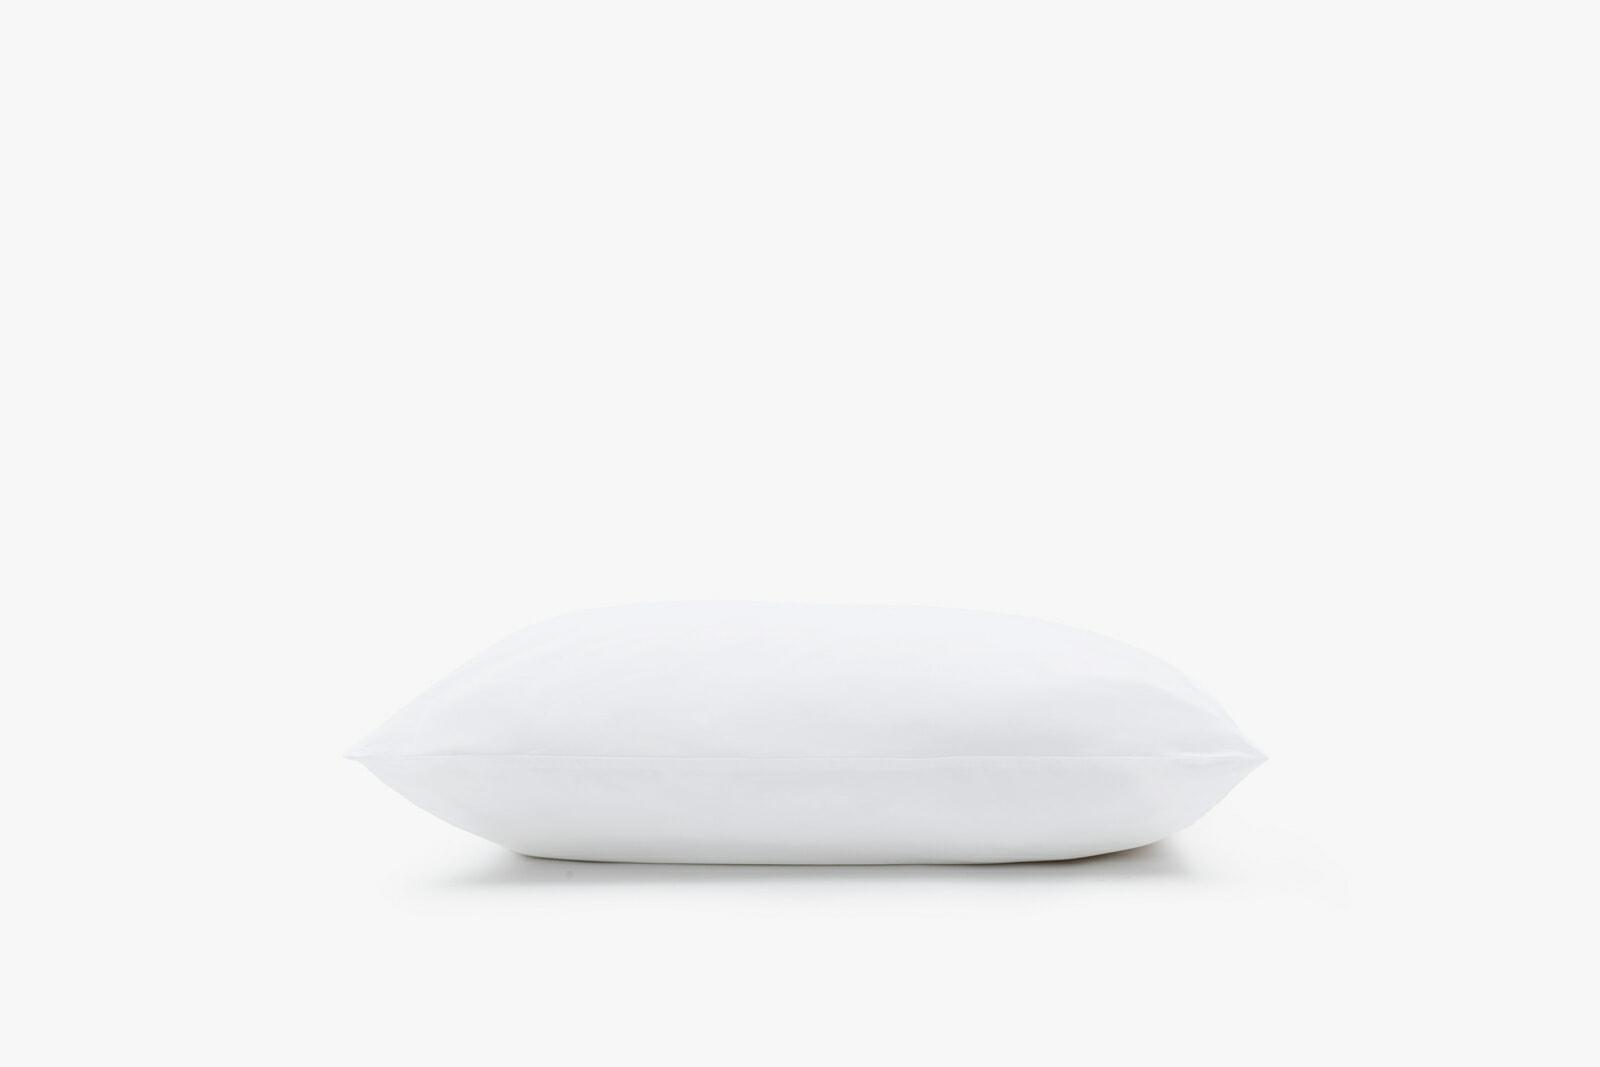 Noa pillow - soft